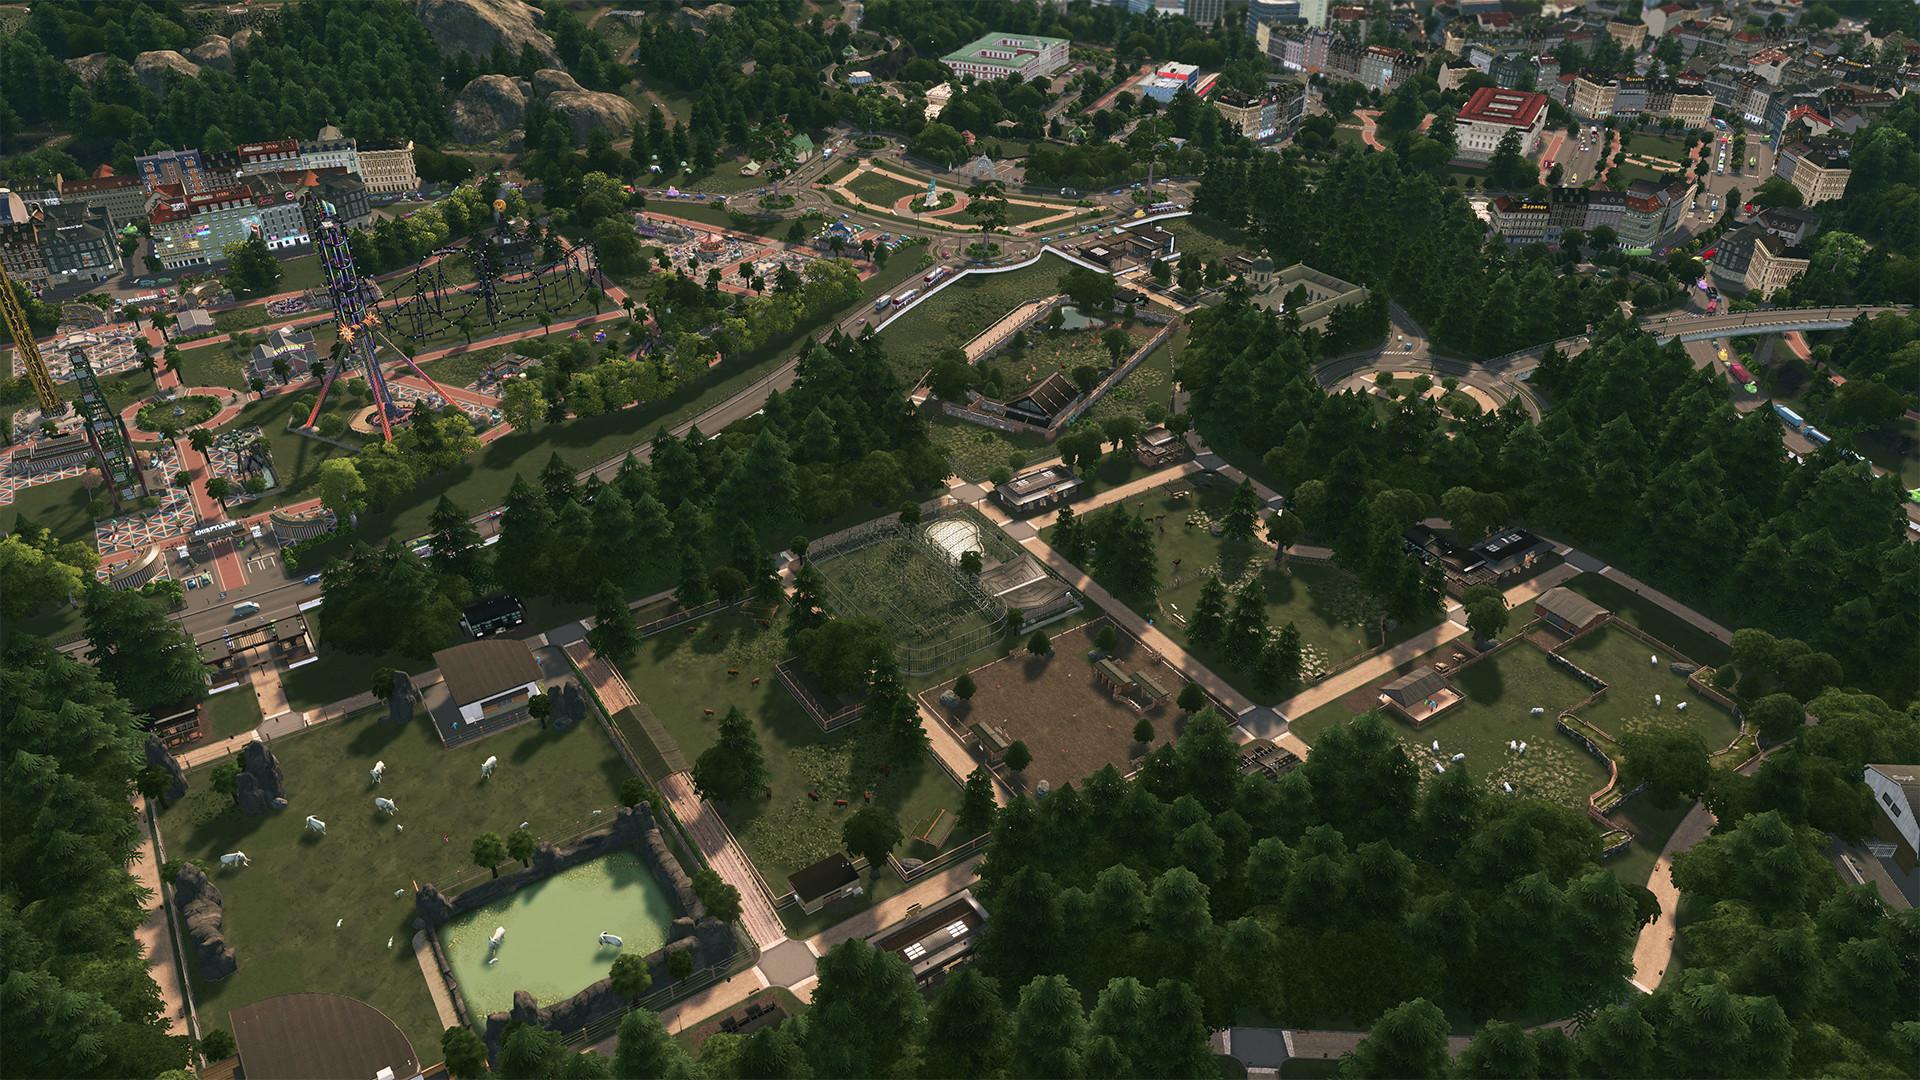 Parklife - Cities: Skylines DLC